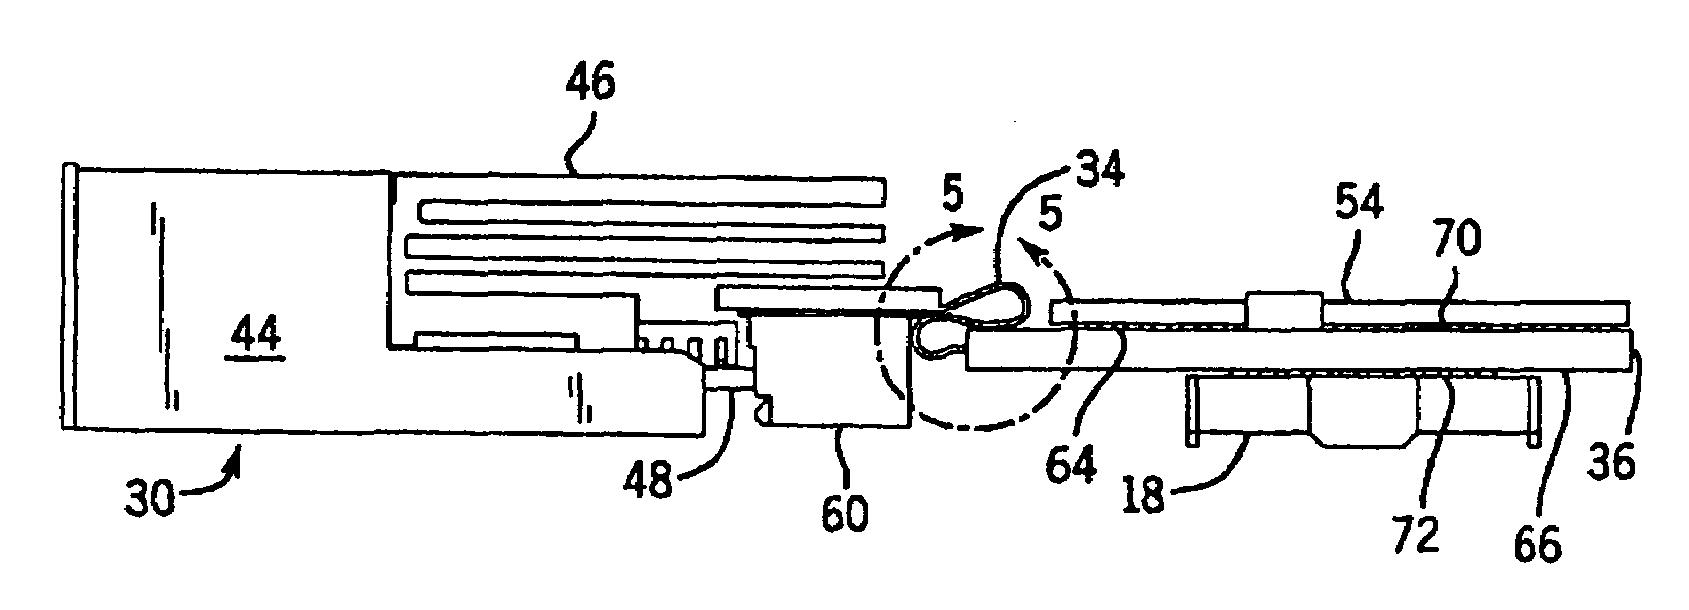 patent us7504668